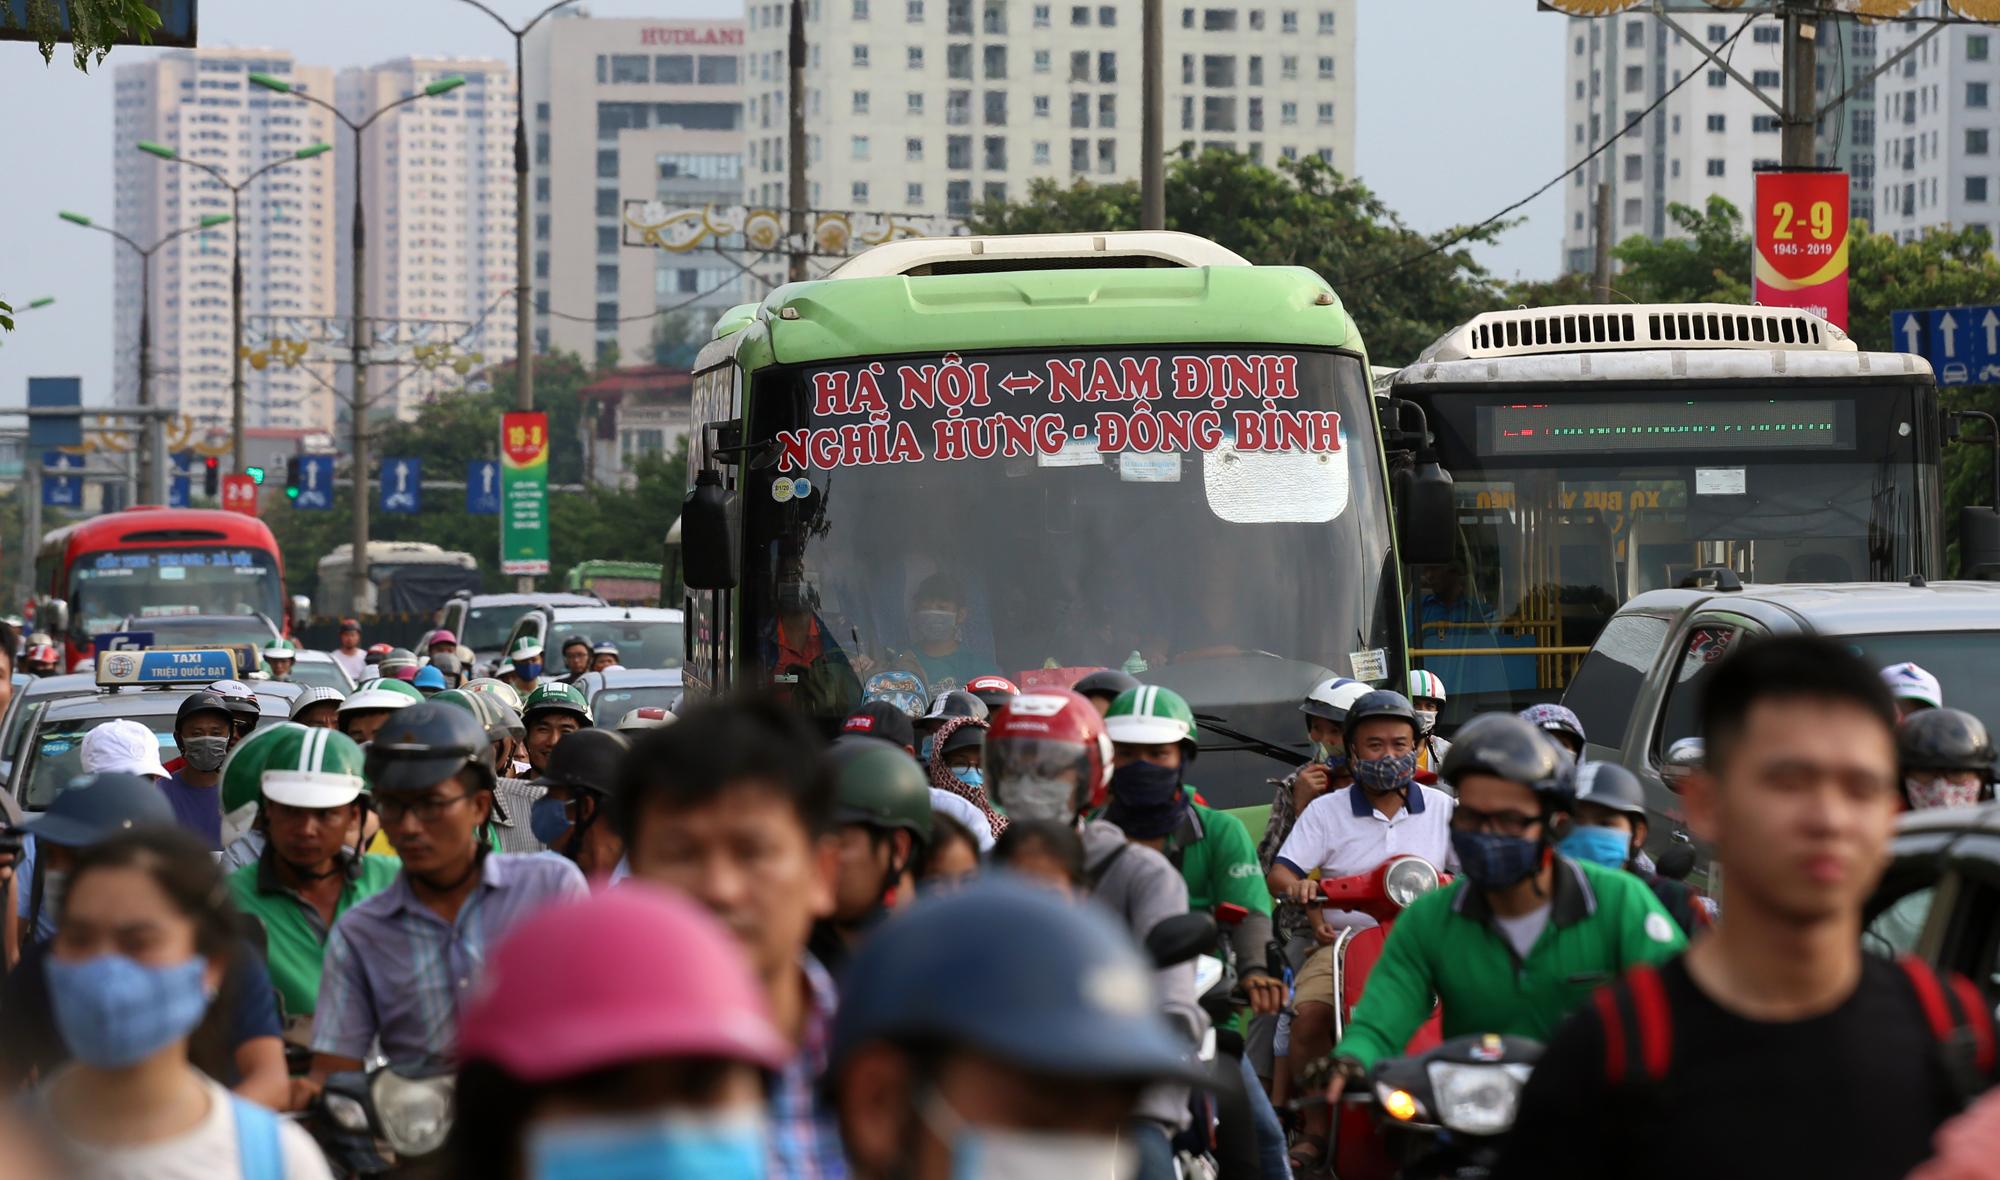 Hà Nội phê duyệt qui hoạch bến xe khách Đông Anh hơn 74.000m2 - Ảnh 1.